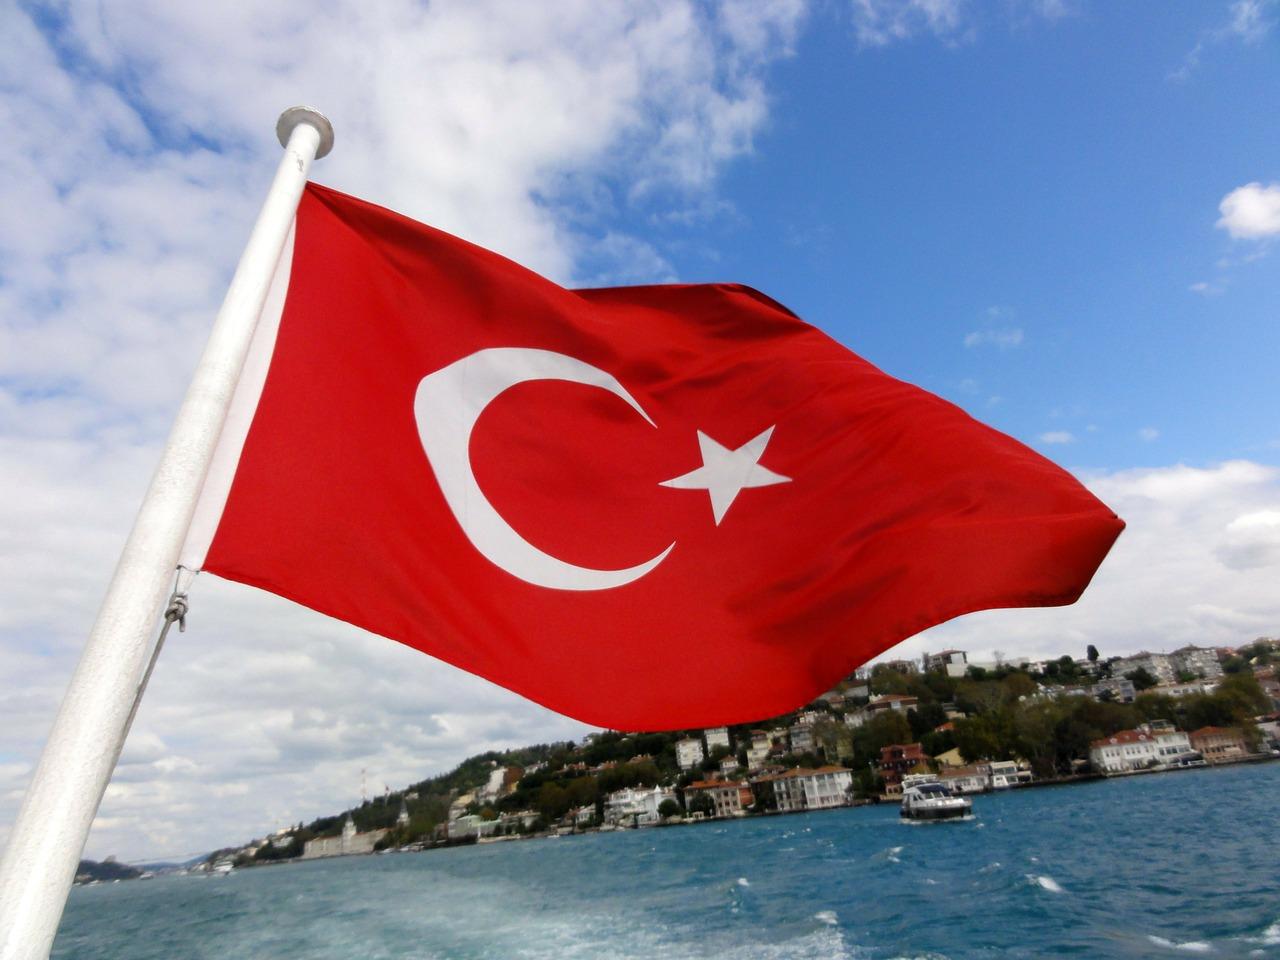 Aserbaidschanische Stadt Bombardiert Turkei Verurteilt Angriff Auf Zivilisten Nex24 News